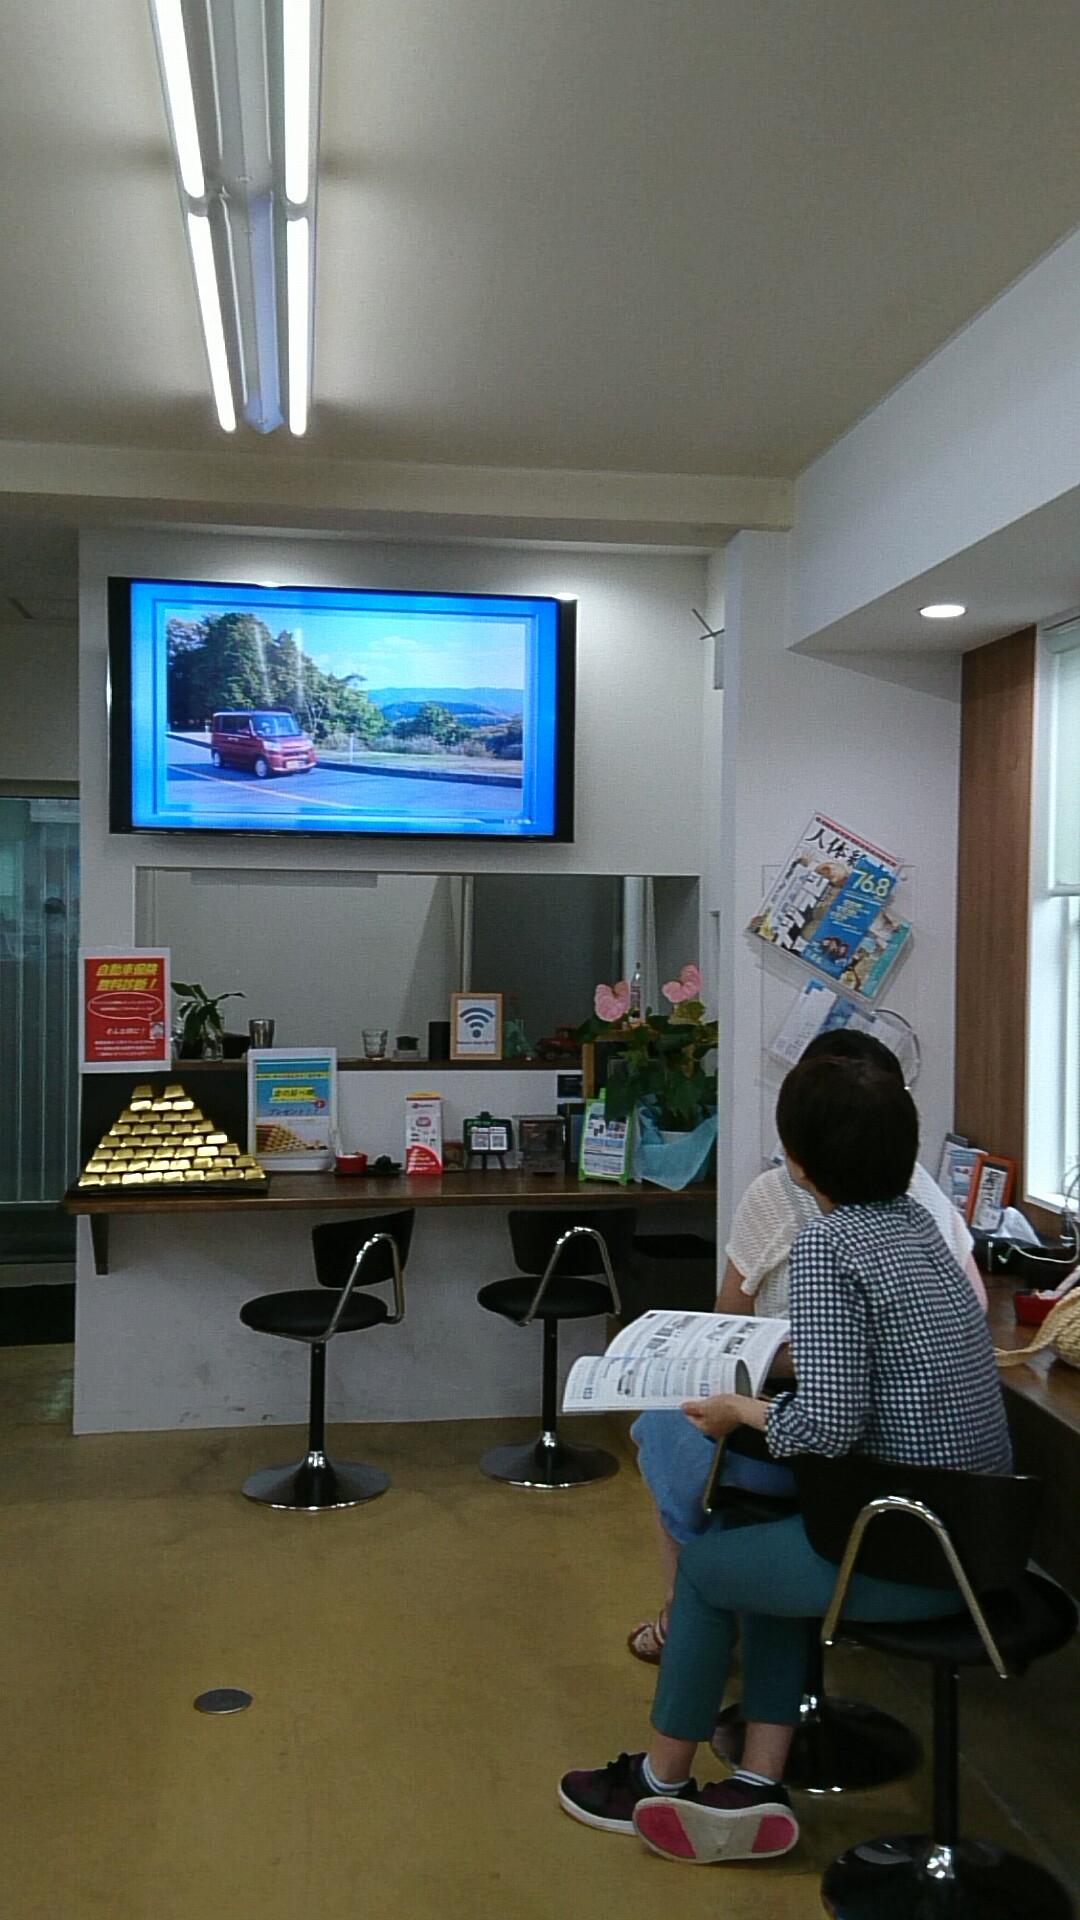 説明上手なテレビ。_b0237229_16022742.jpg